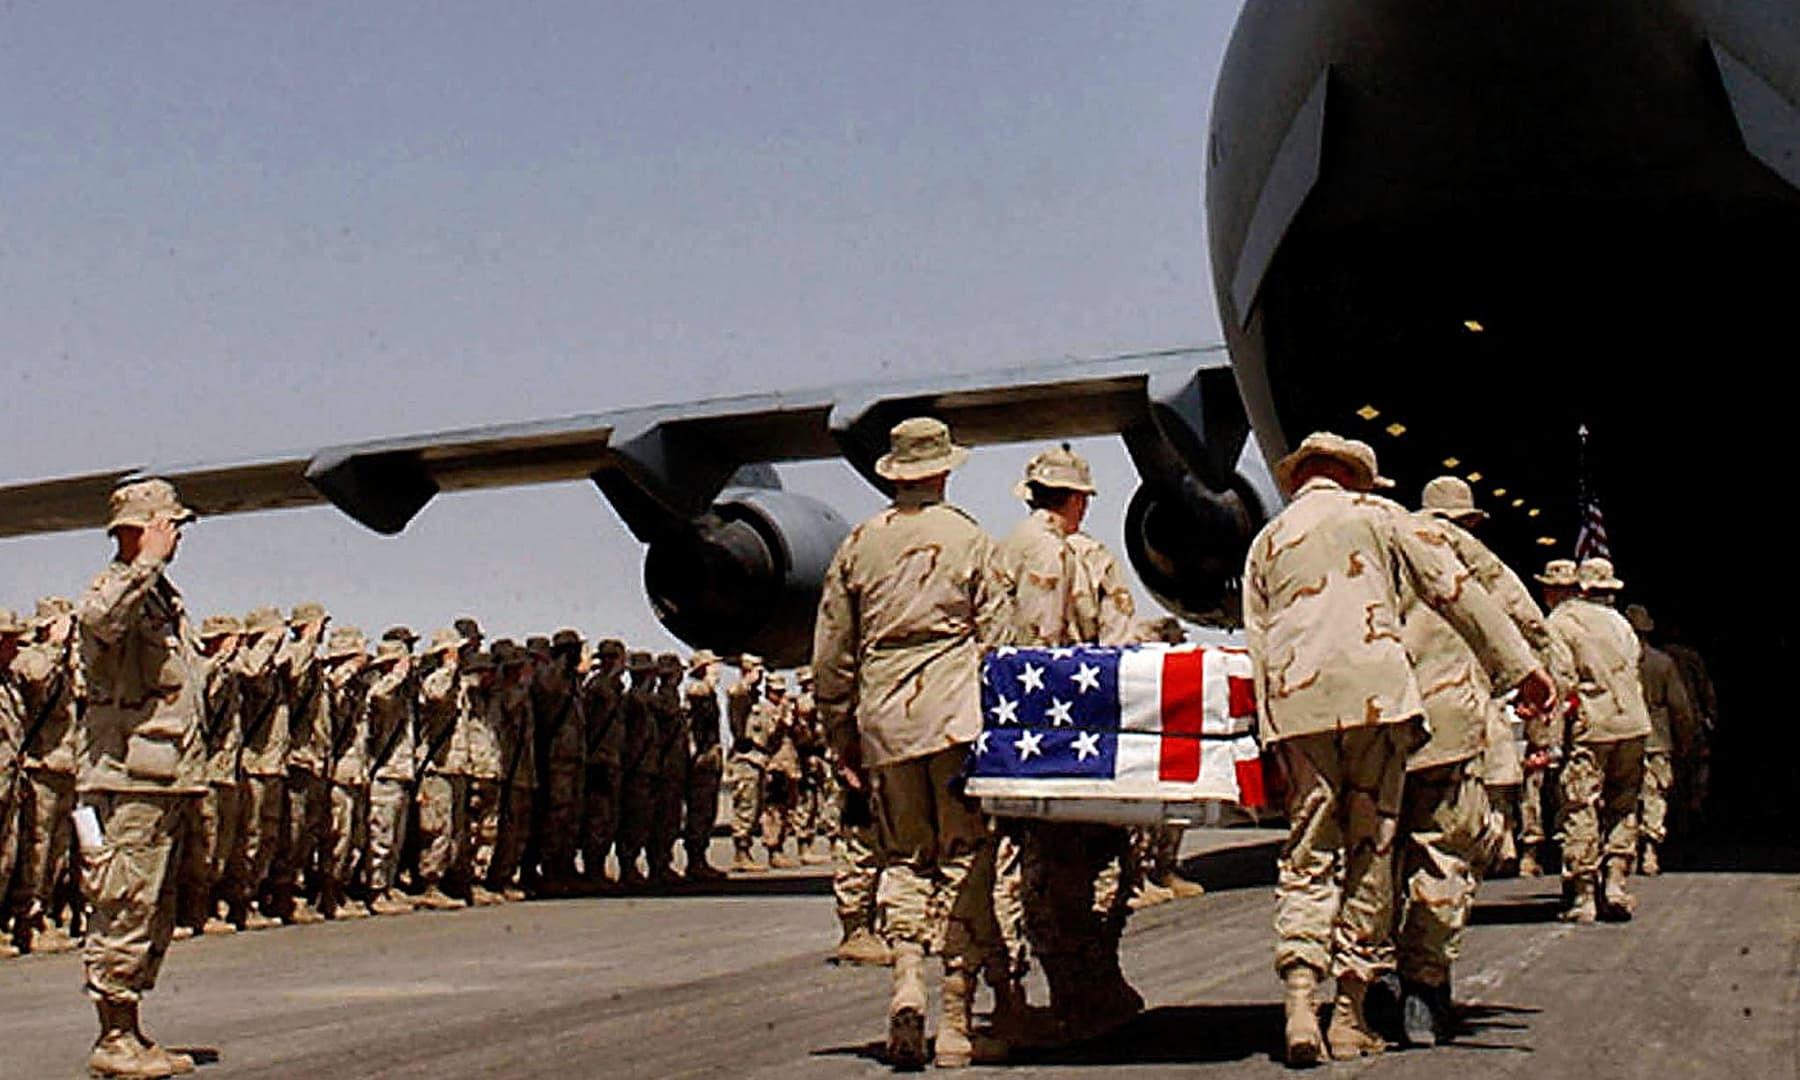 امریکی فوجی 30 مارچ 2003 کو جنگ کے دوران مارے گئے اپنے ساتھی کی لاش امریکا روانہ کر رہے ہیں—فائل/فوٹو: اے ایف پی